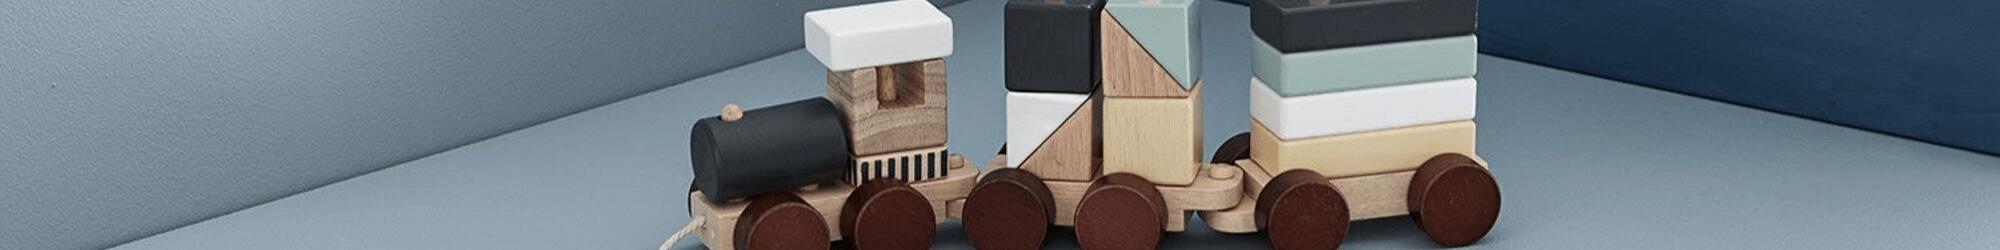 Speelgoedwinkel Daantje houten speelgoed blokken